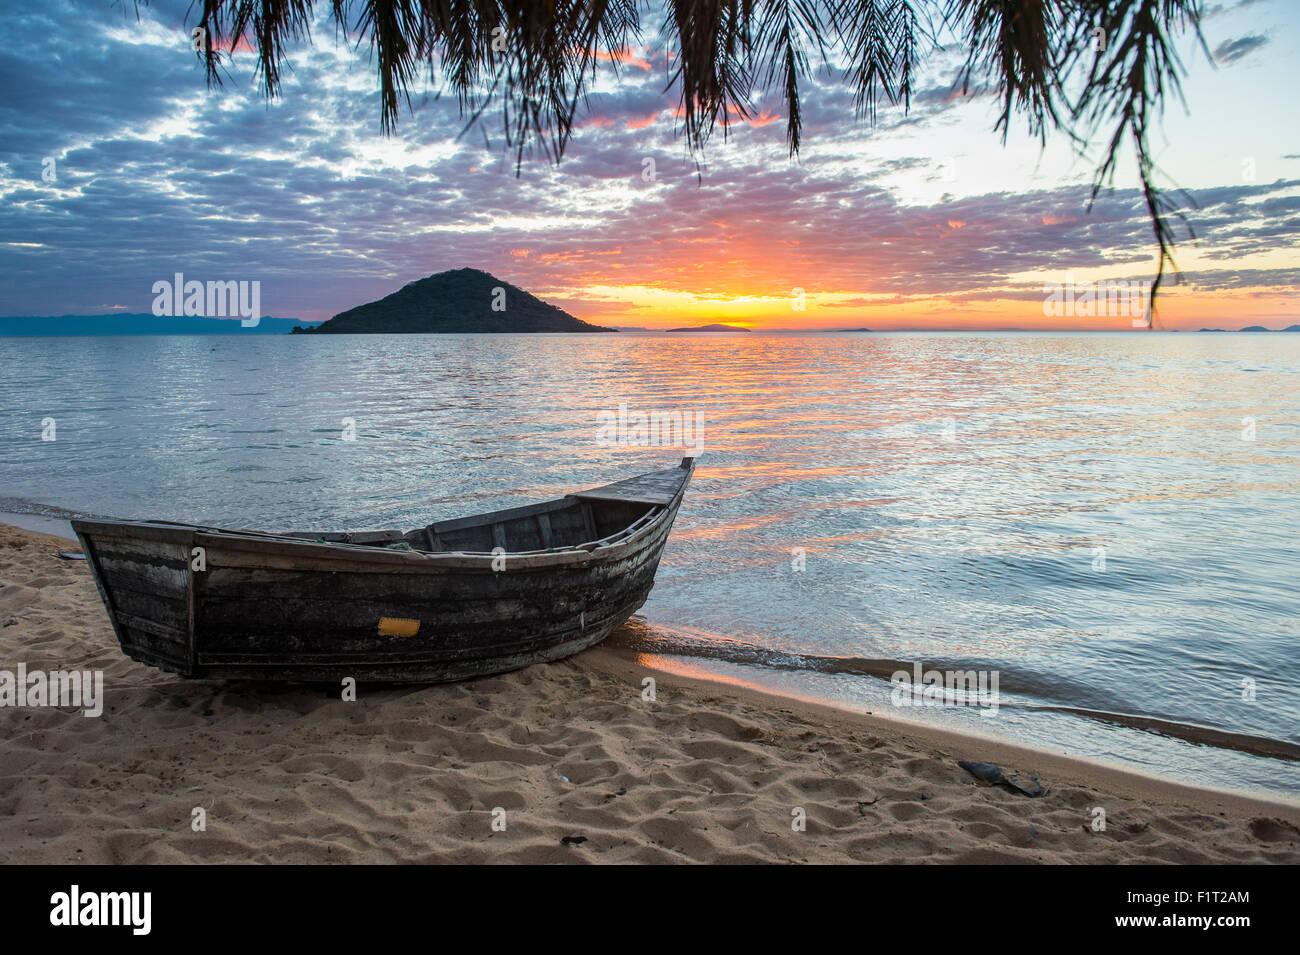 Bateau de pêche au coucher du soleil à Cape Malcear, le lac Malawi, Malawi, Afrique Photo Stock